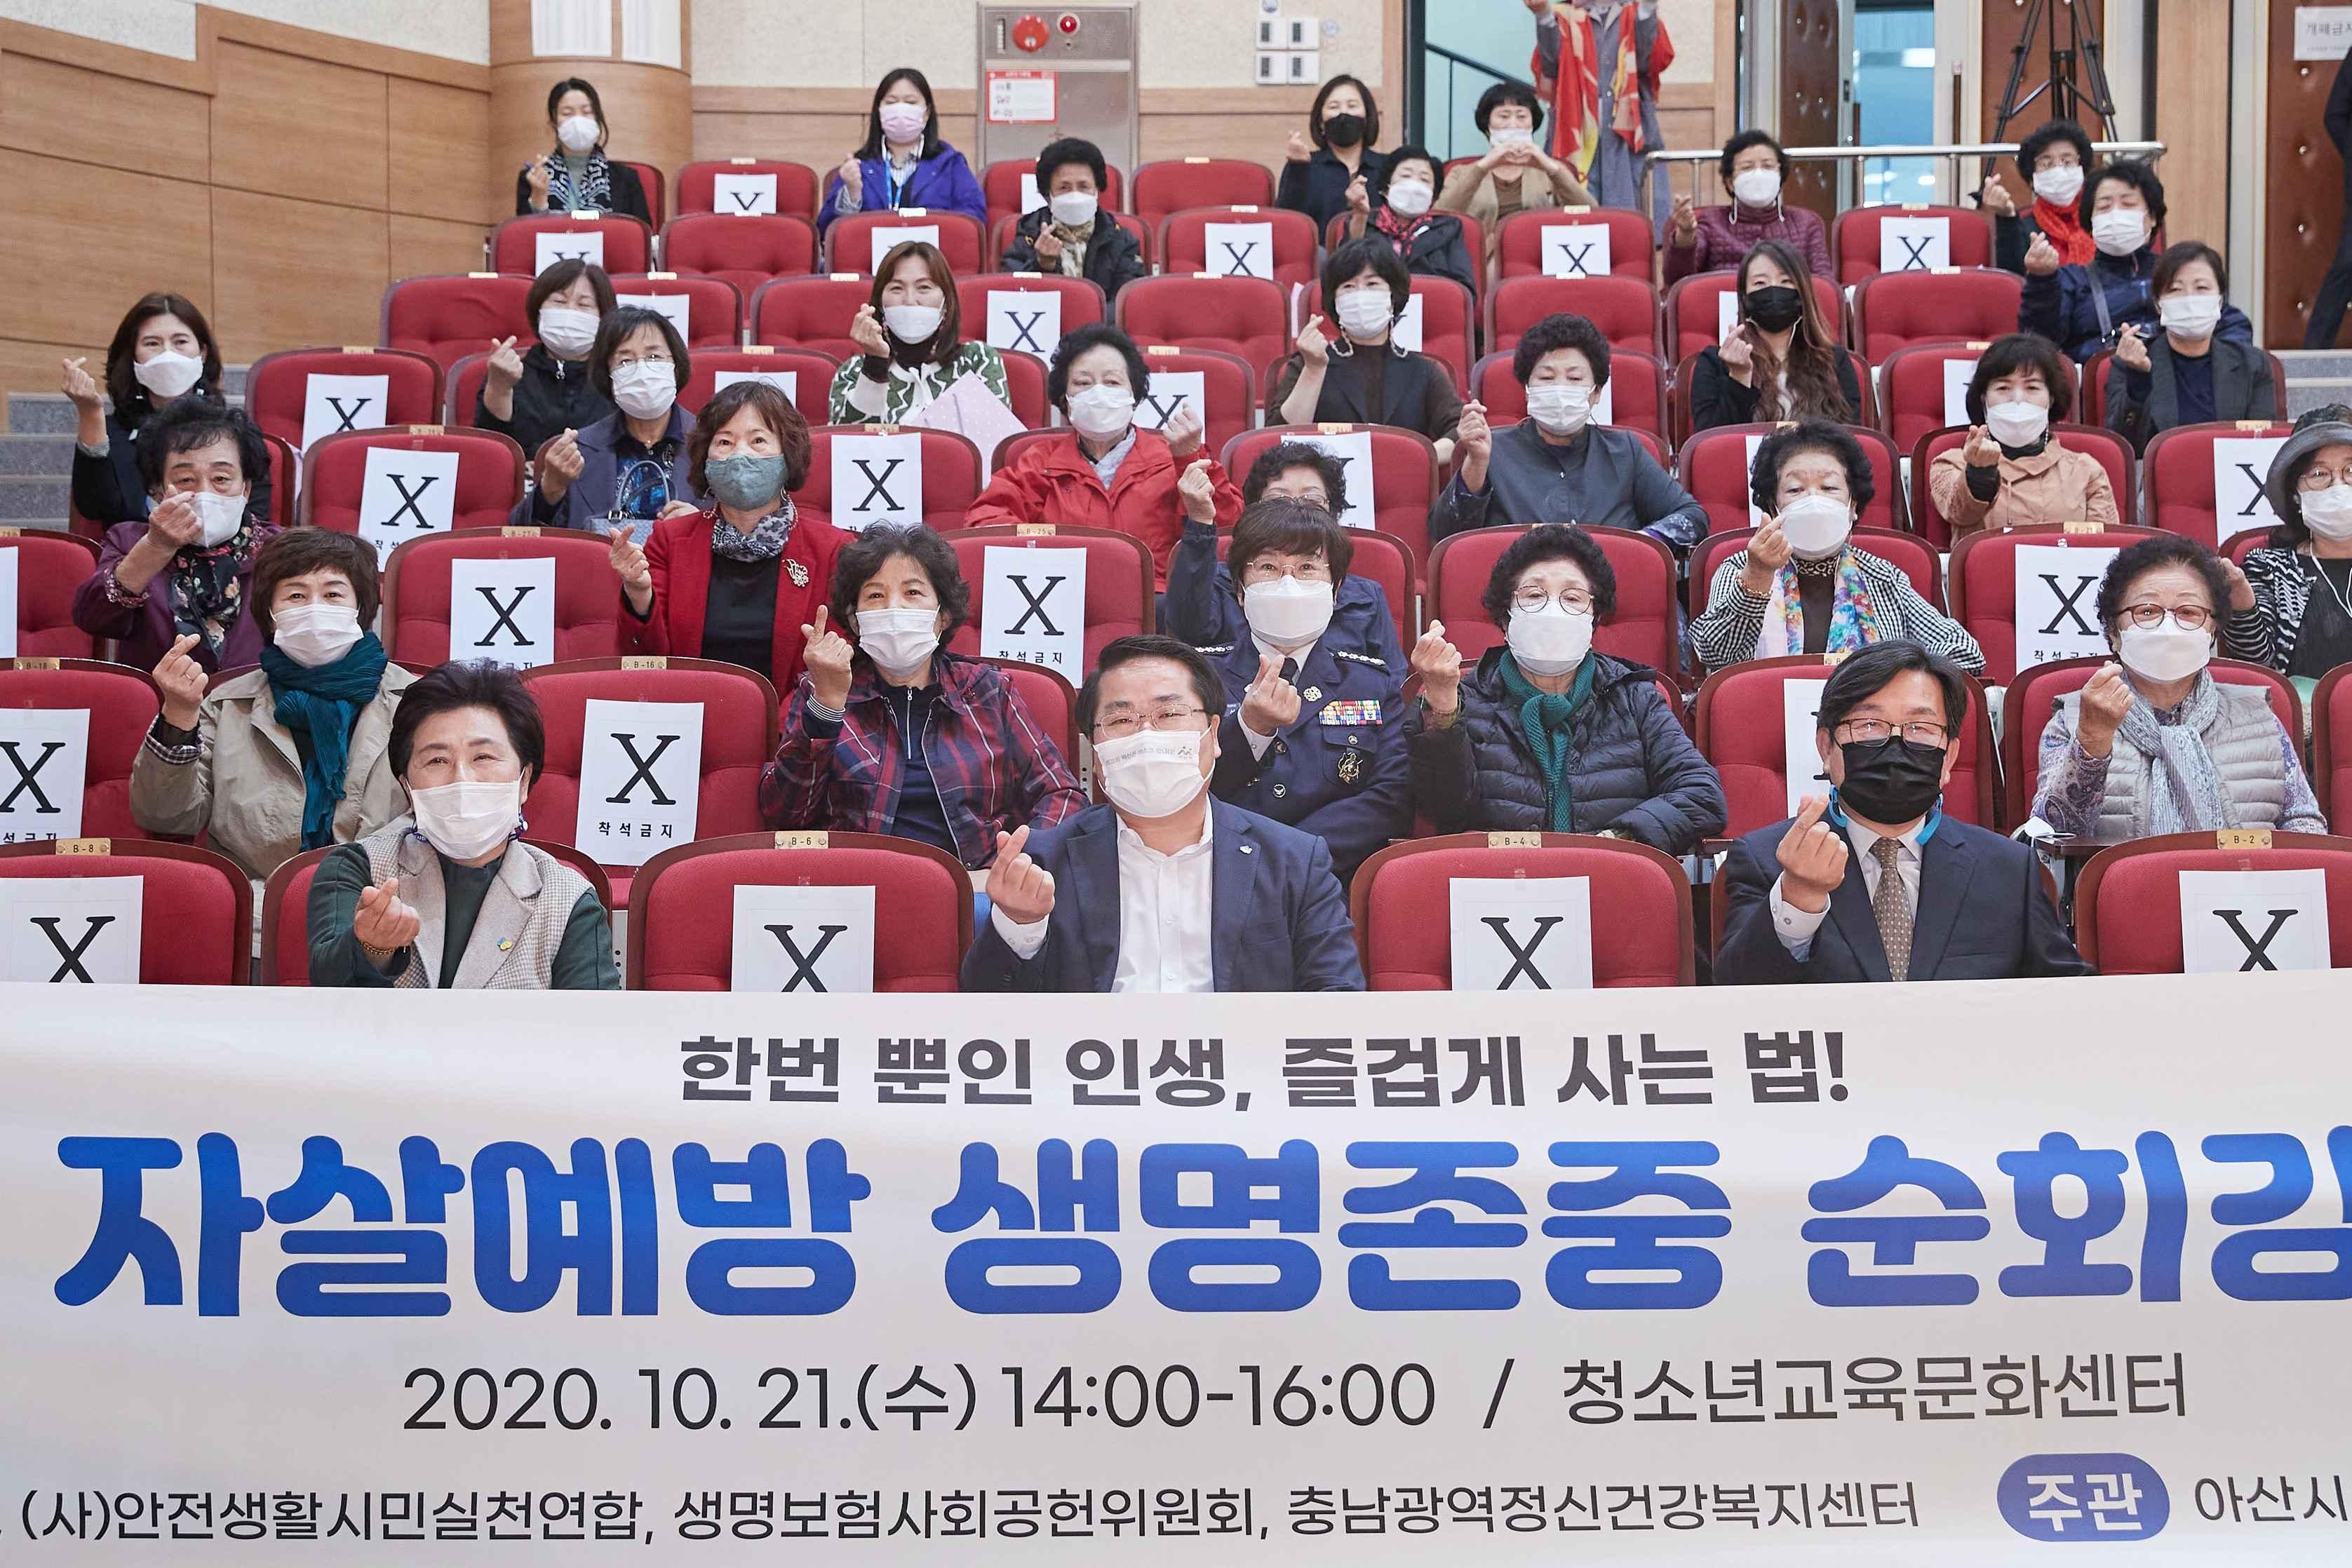 2020.10.21. 자살예방 생명존중 순회강연